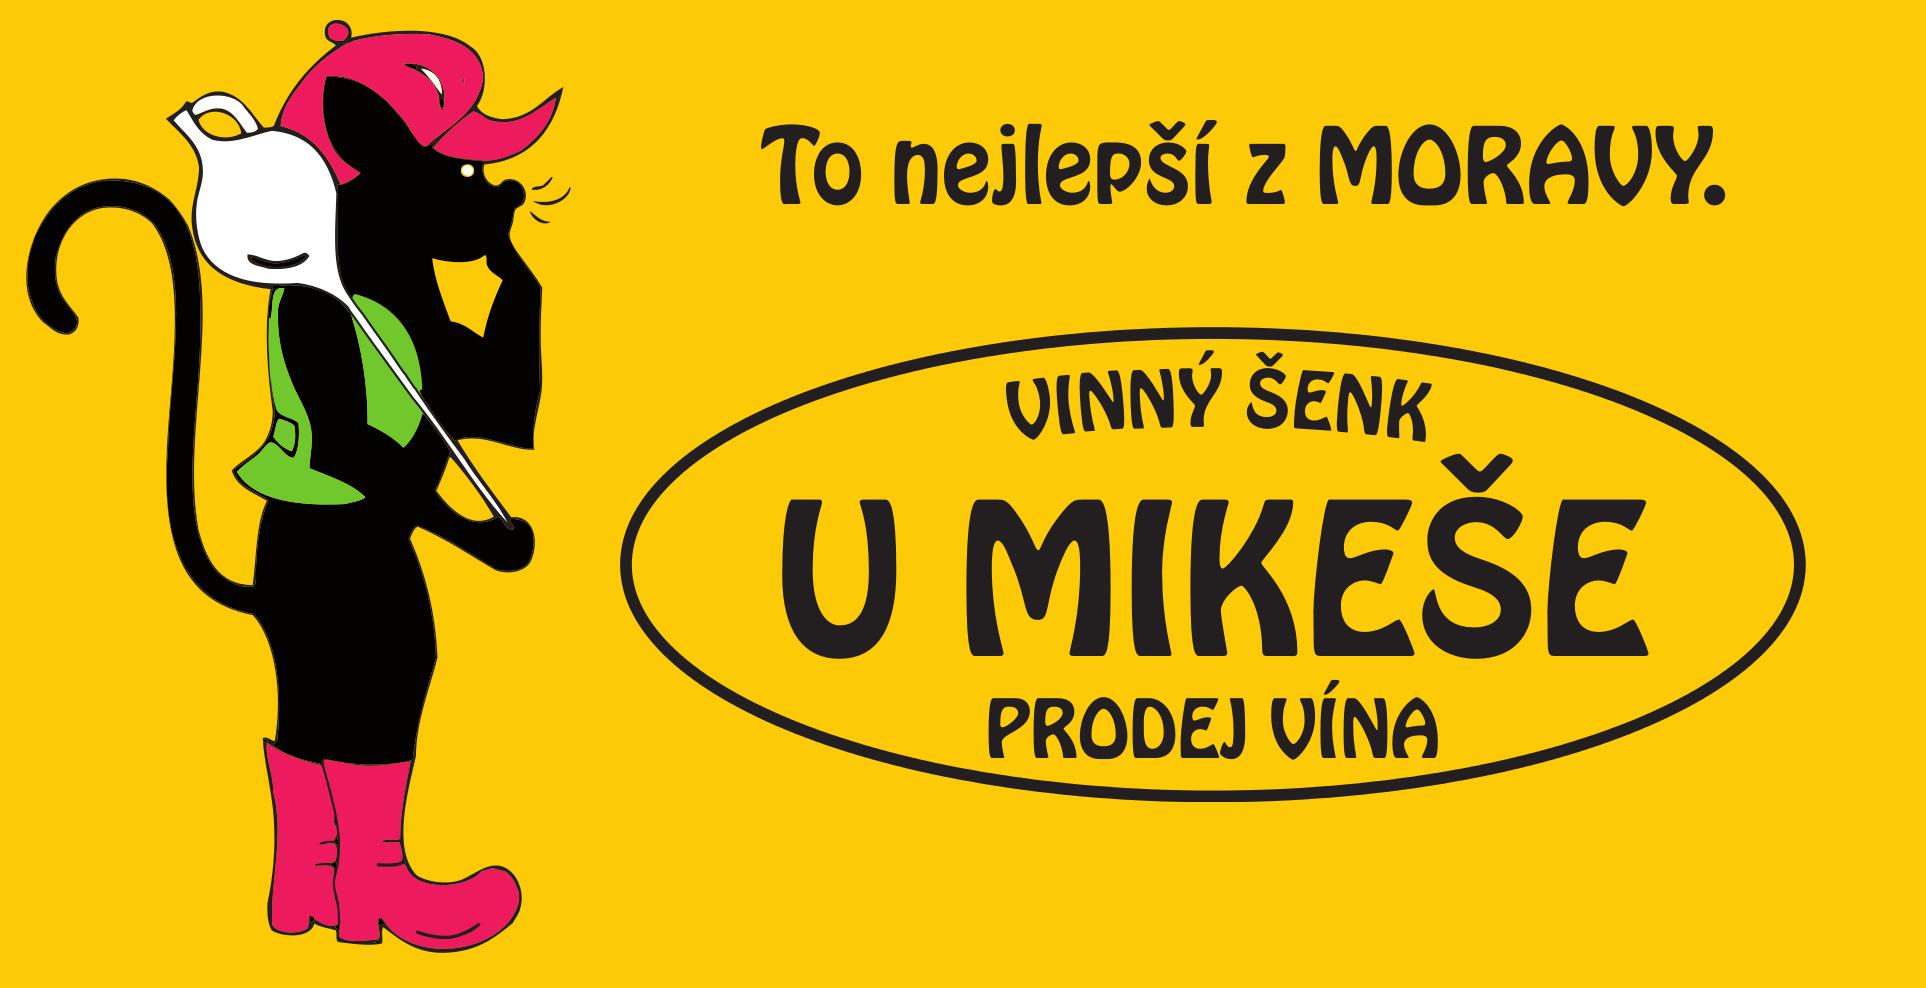 Vinárna U Mikeše, obrázek se otevře v novém okně